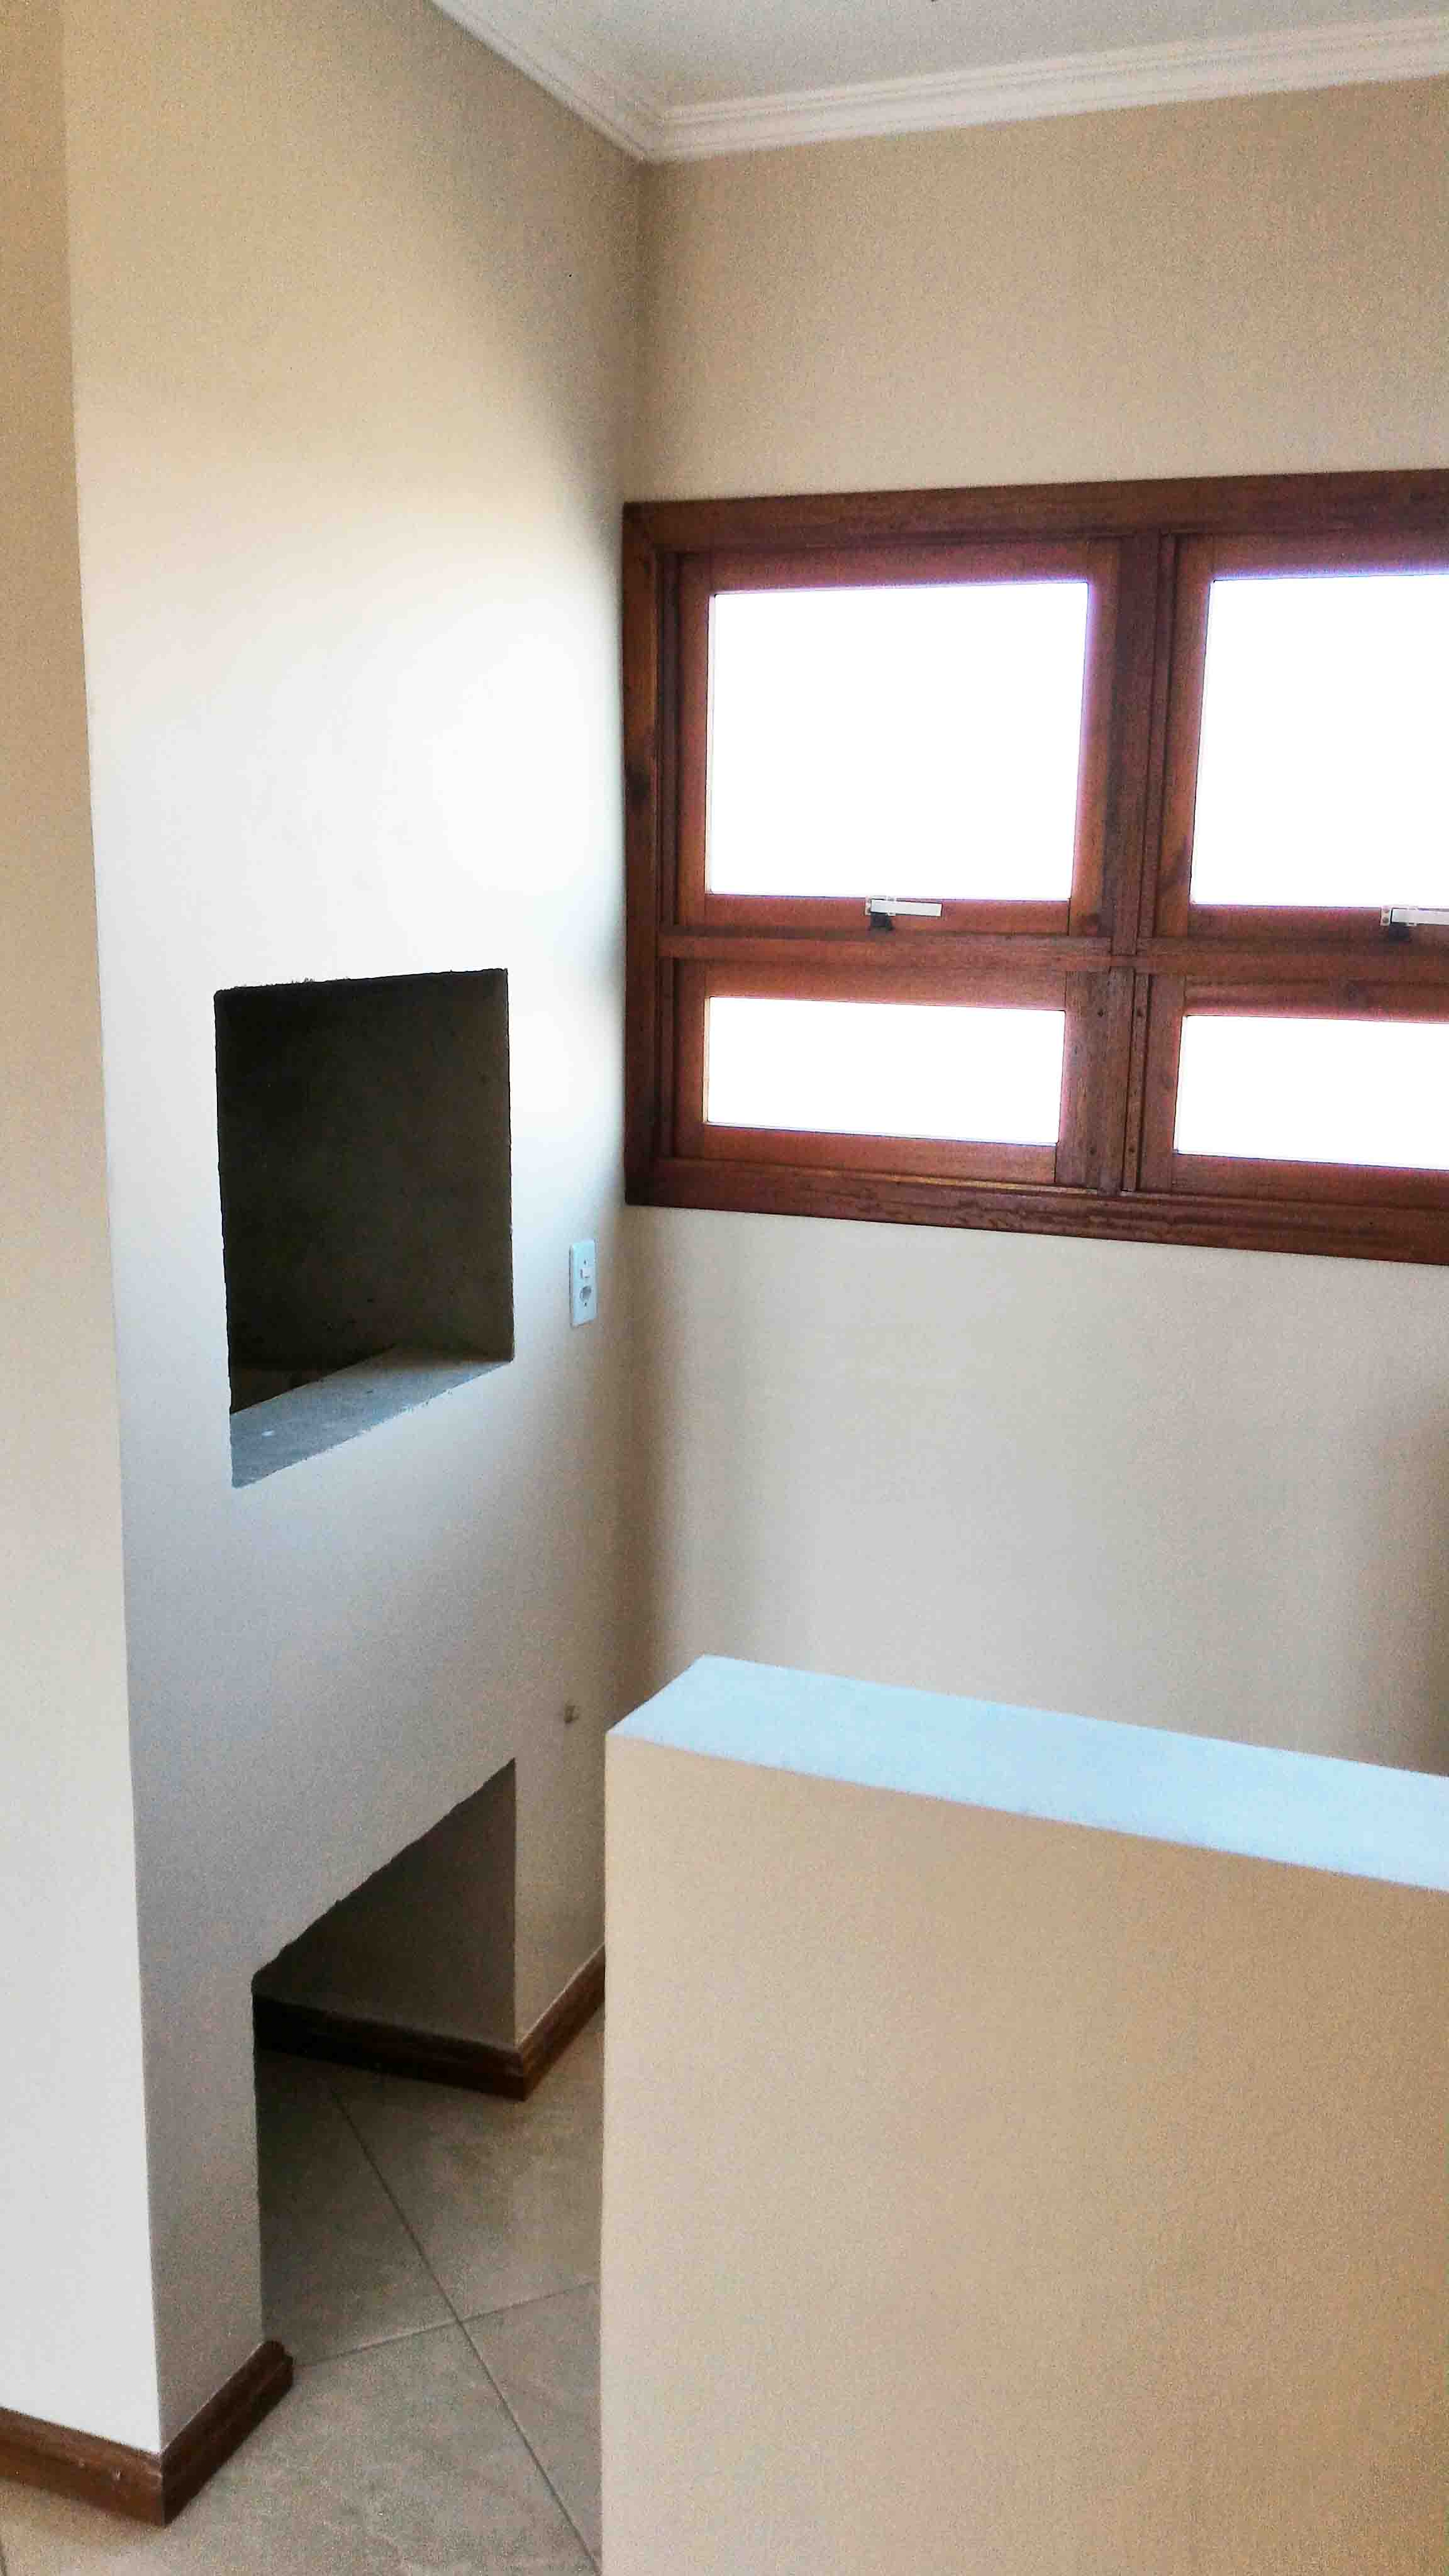 Ap201-churrasqueira-janela